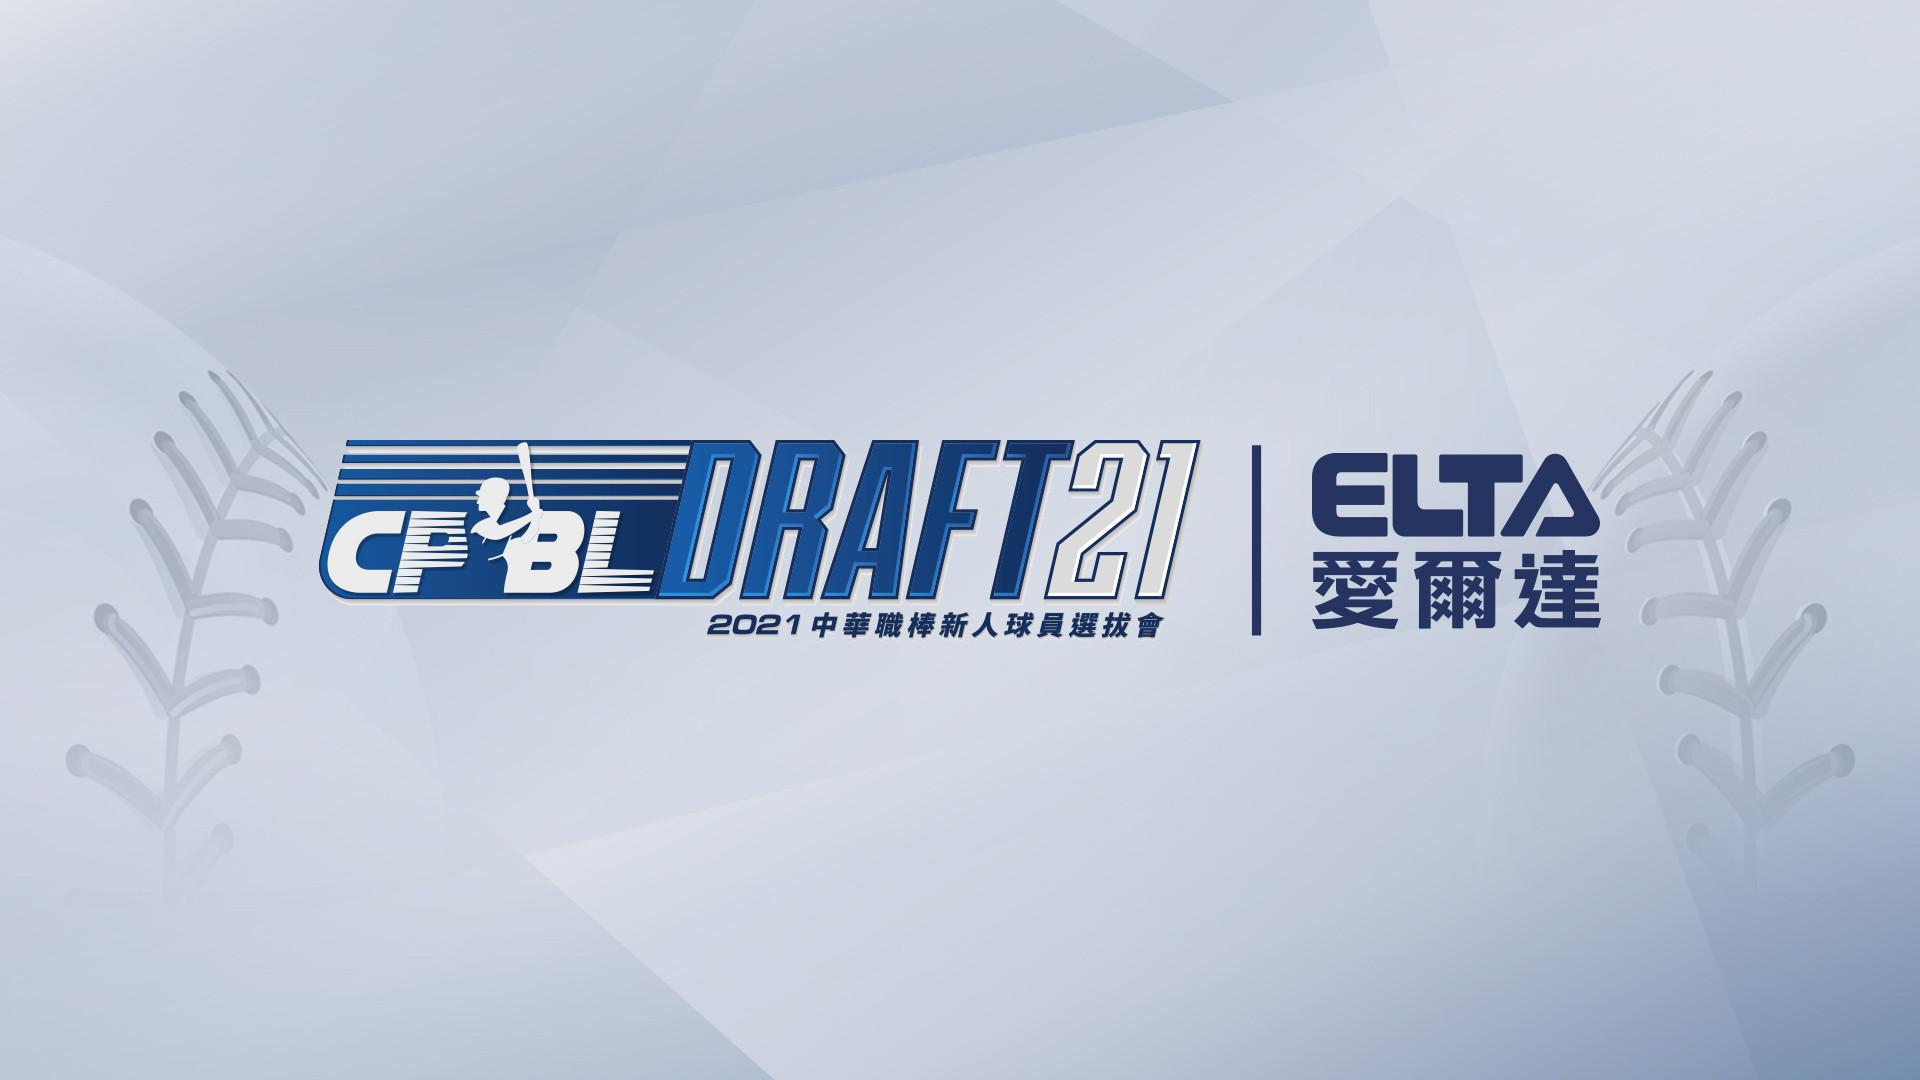 2021 中華職棒選秀會